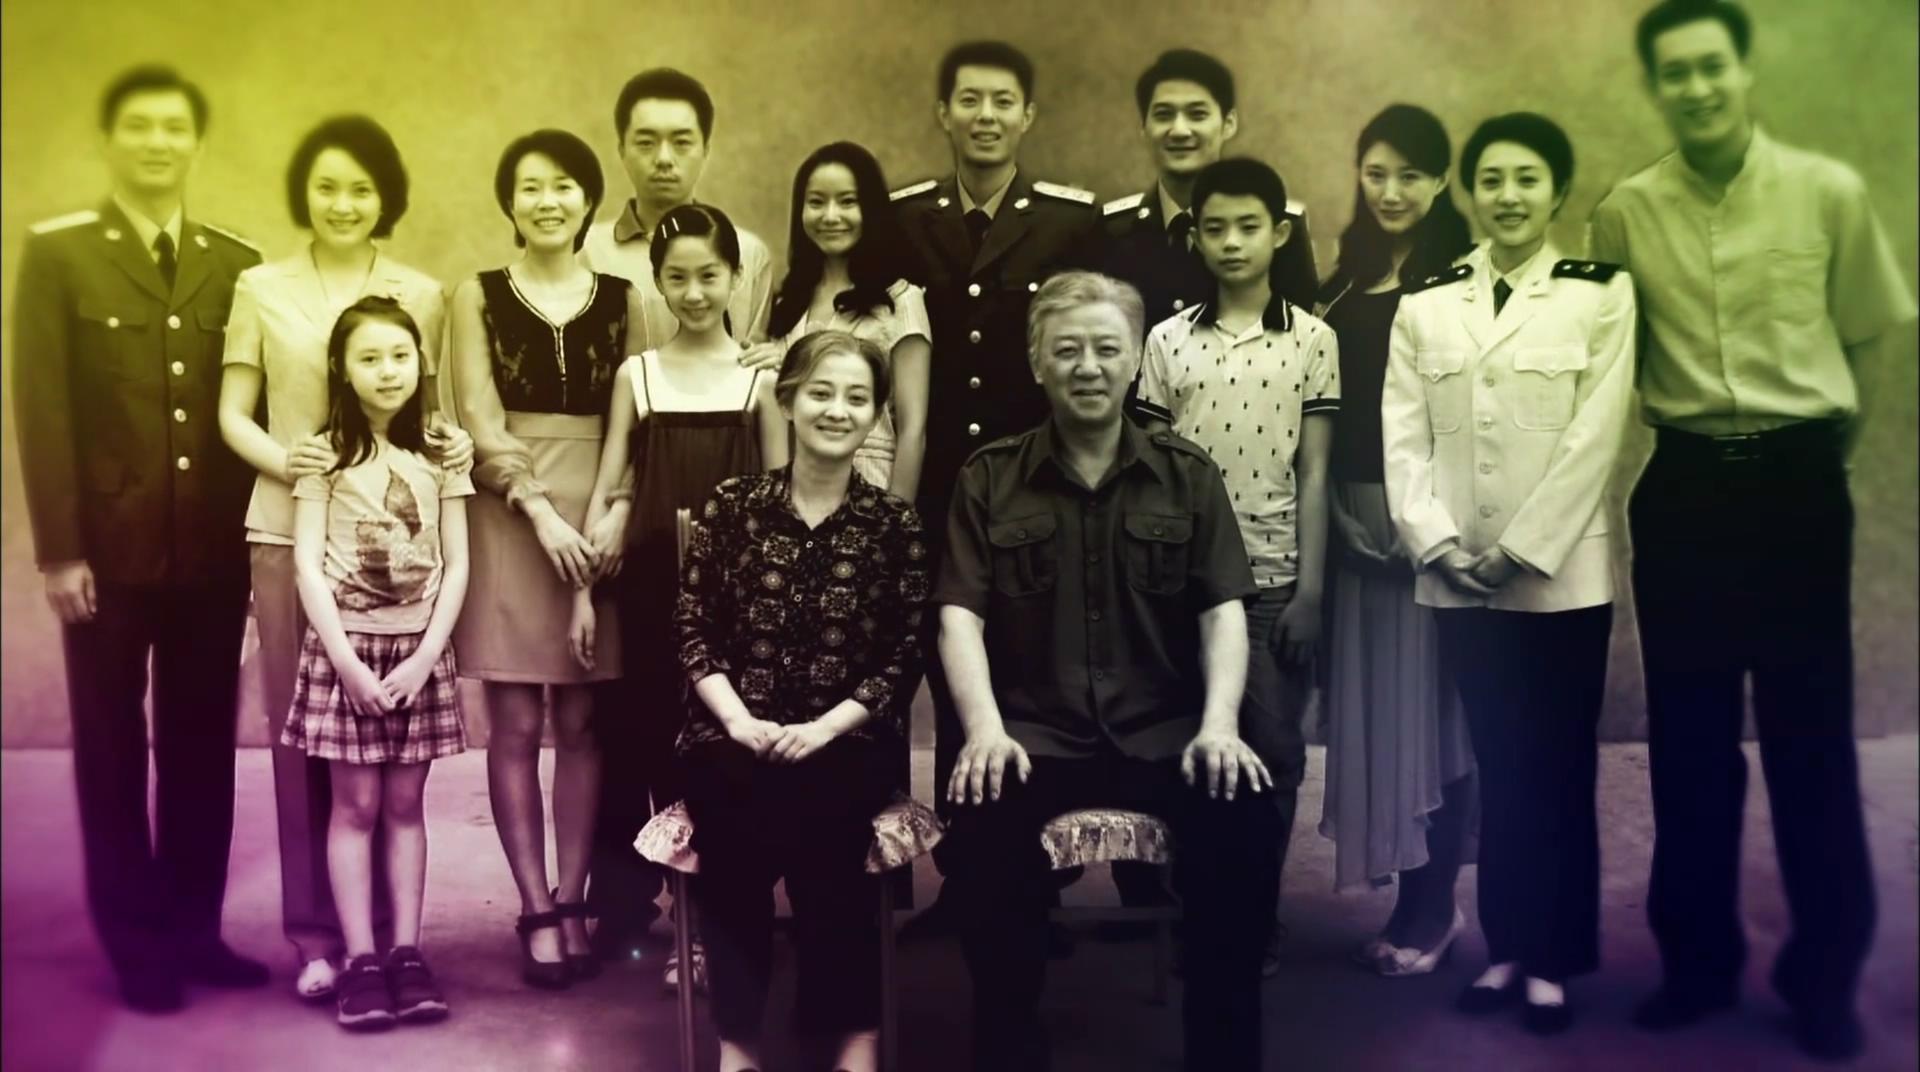 """《父母爱情》演员重聚 梅婷、郭涛感叹""""永远一家人"""""""